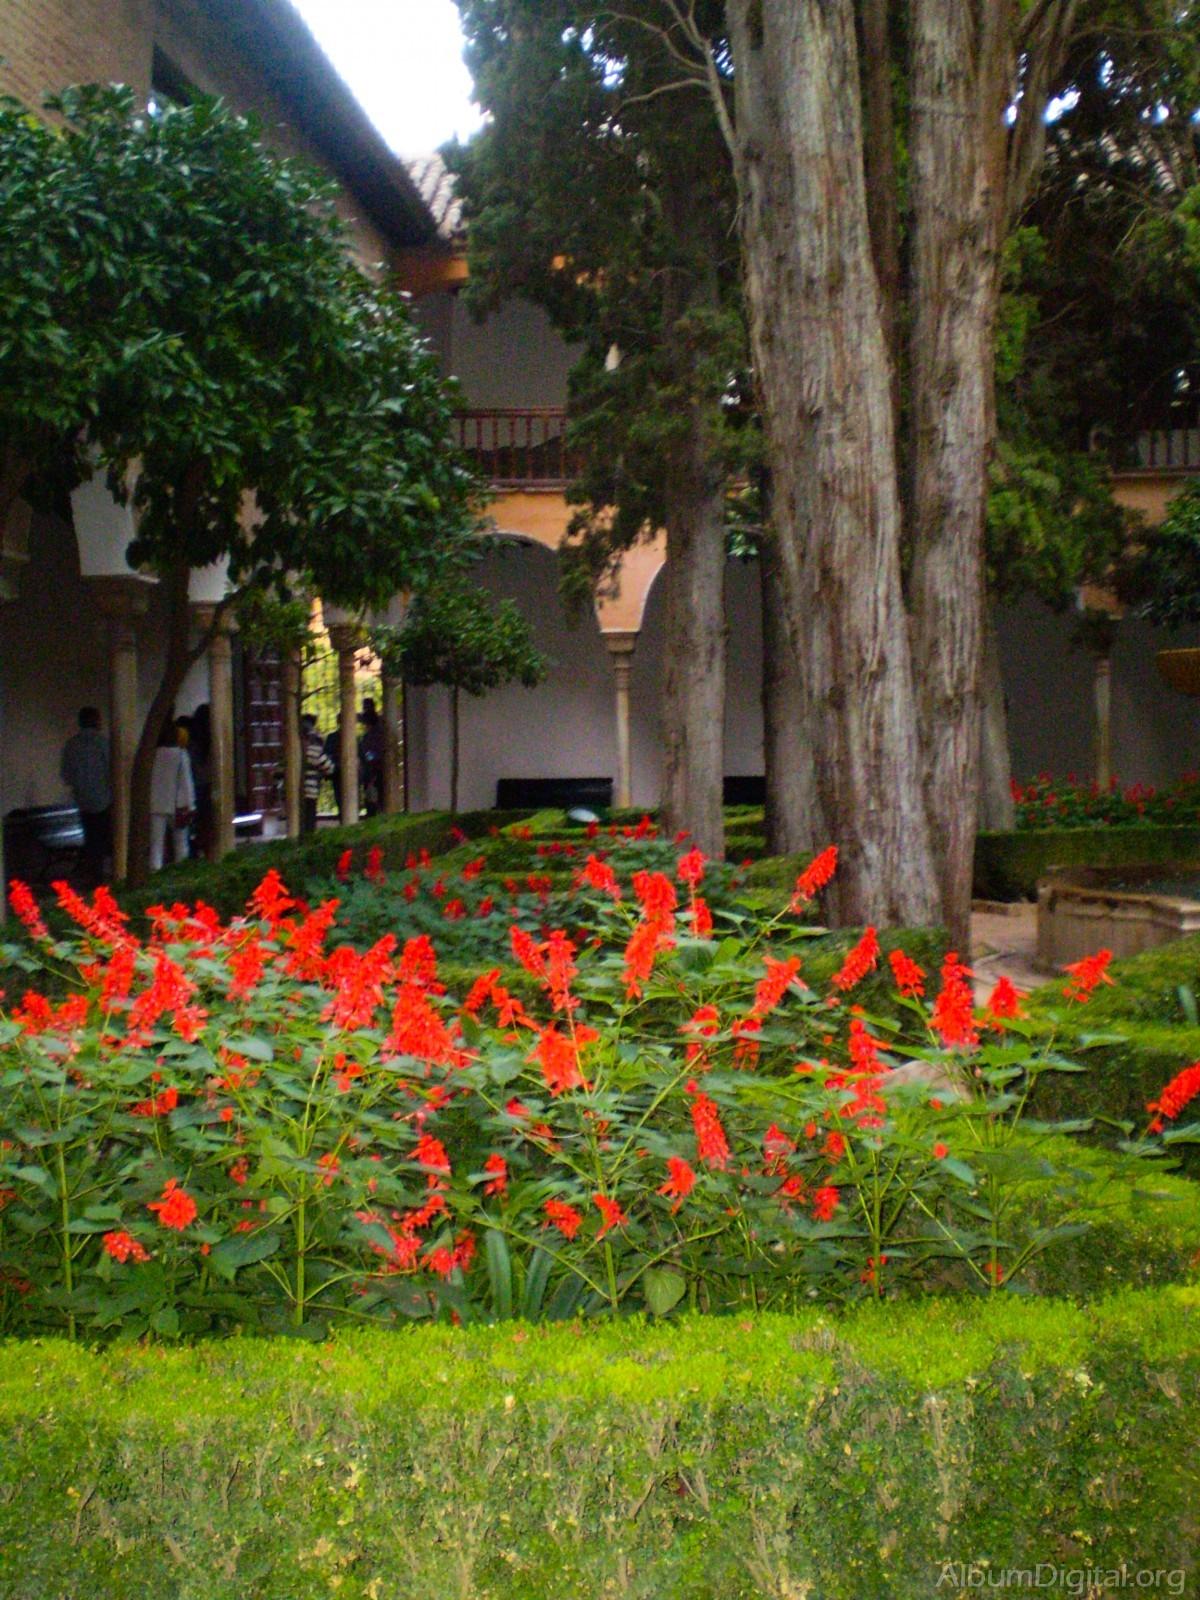 Jardin de flores rojas - Plantas de jardin fotos ...